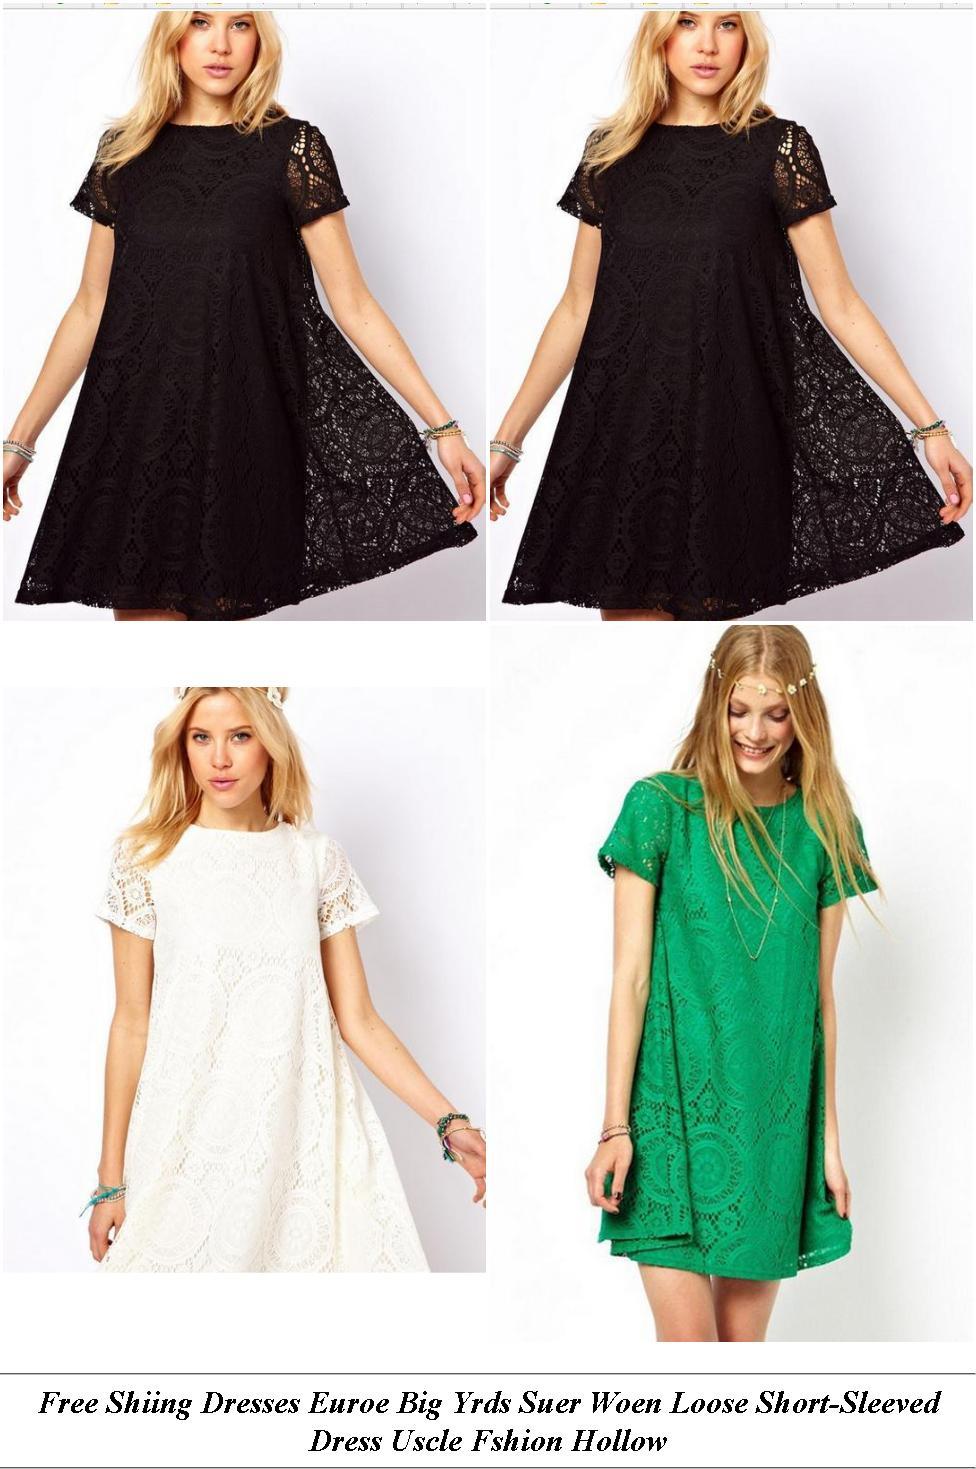 Junior Prom Dresses - Converse Uk Sale - A Line Dress - Buy Cheap Clothes Online